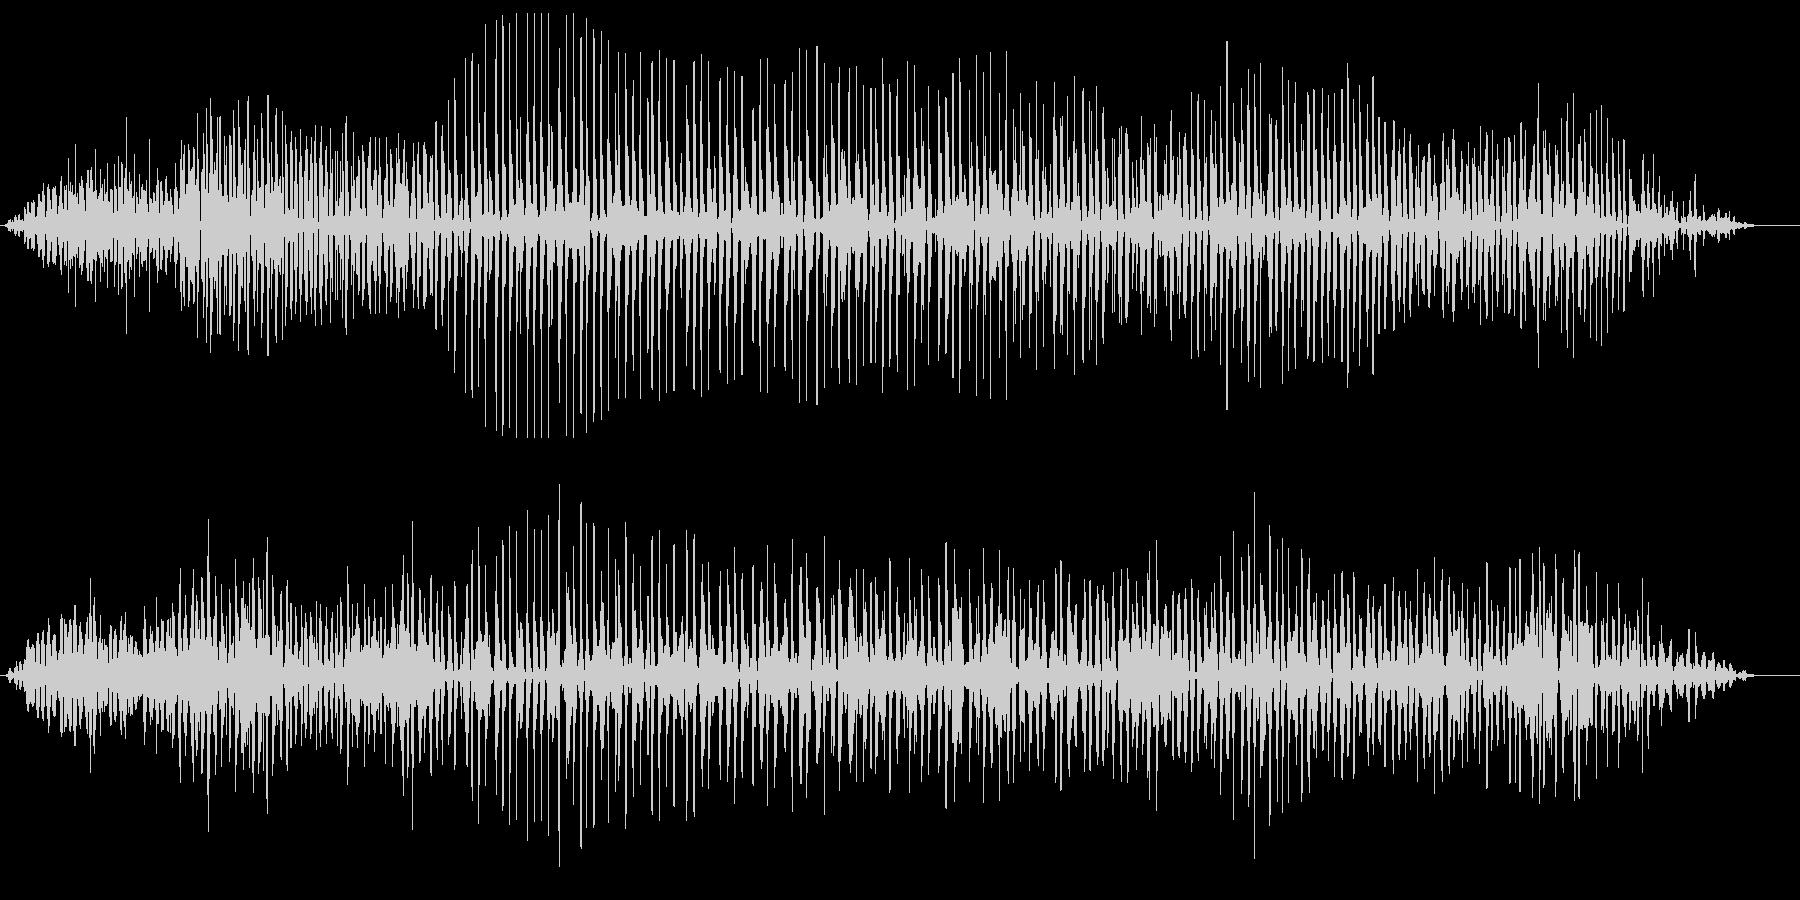 ヘリコプターのプロペラ音の未再生の波形